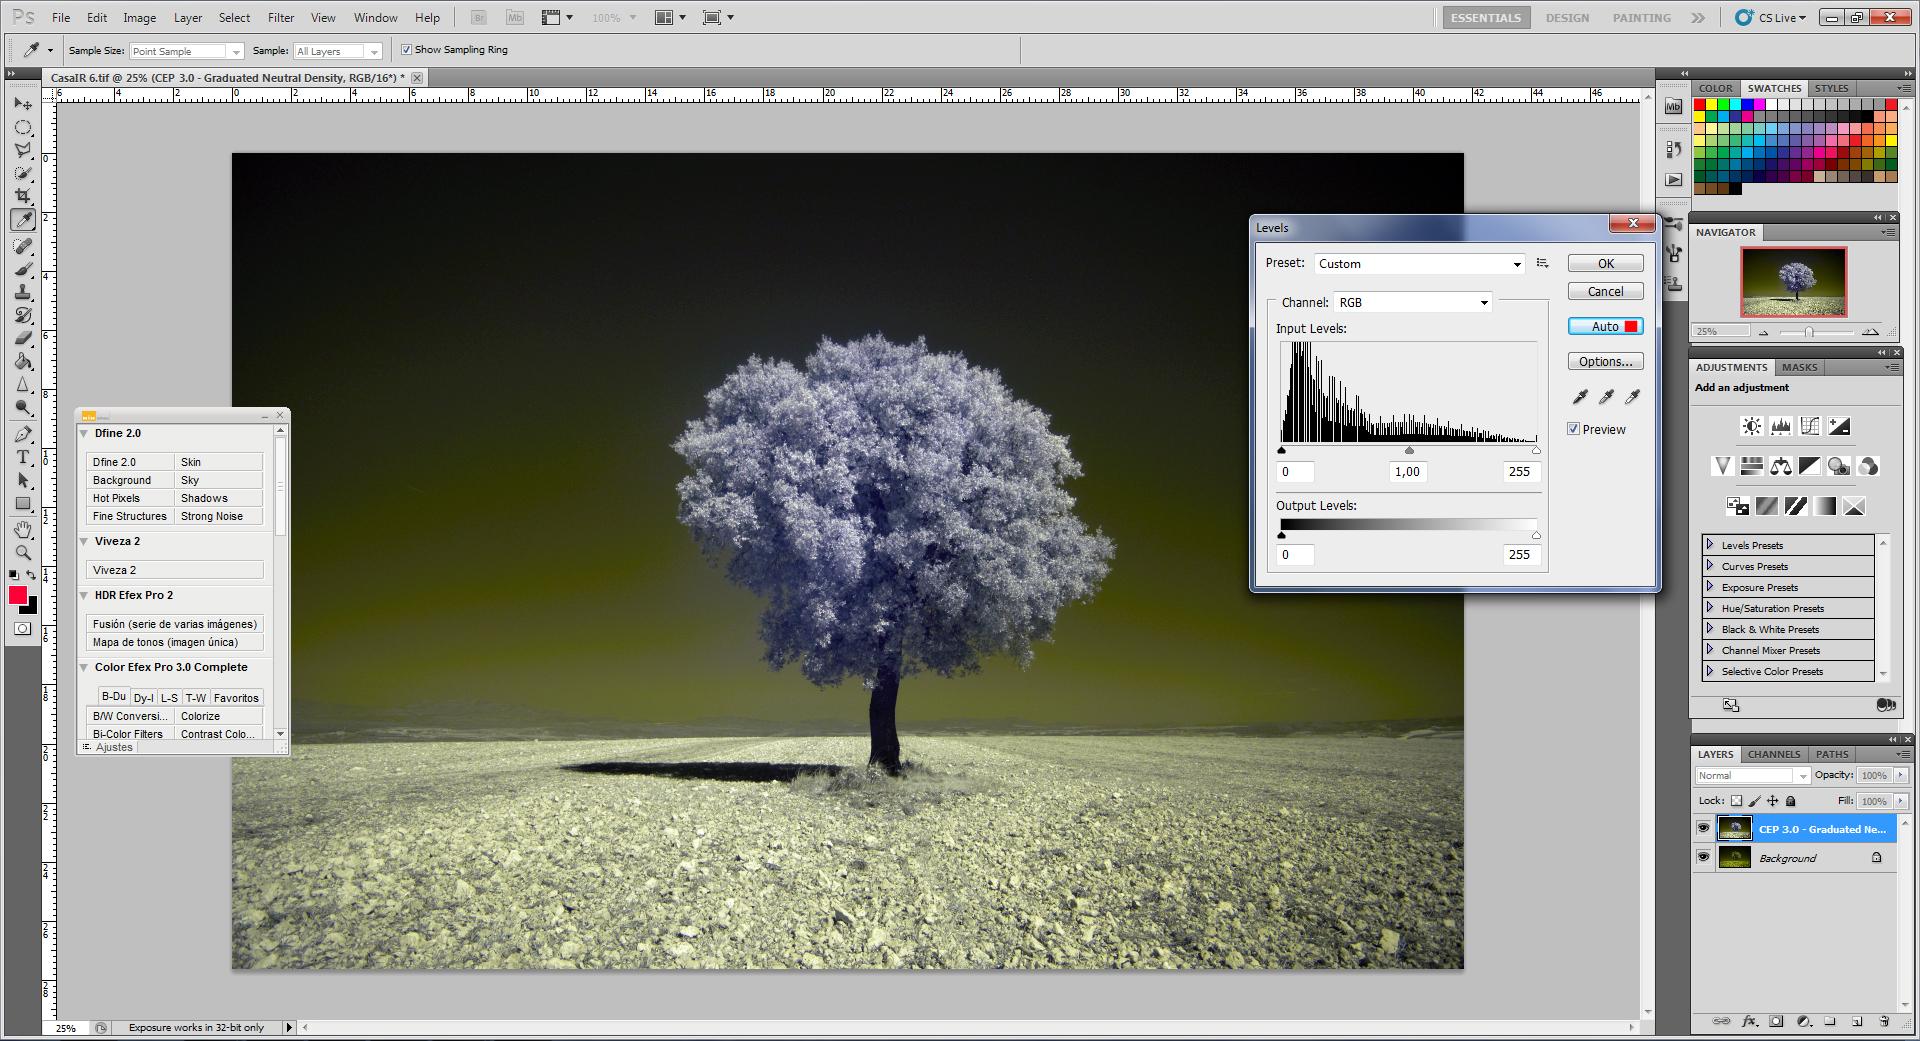 Как превратить пейзажное фото в сюрреалистическое инфракрасное изображение - 4